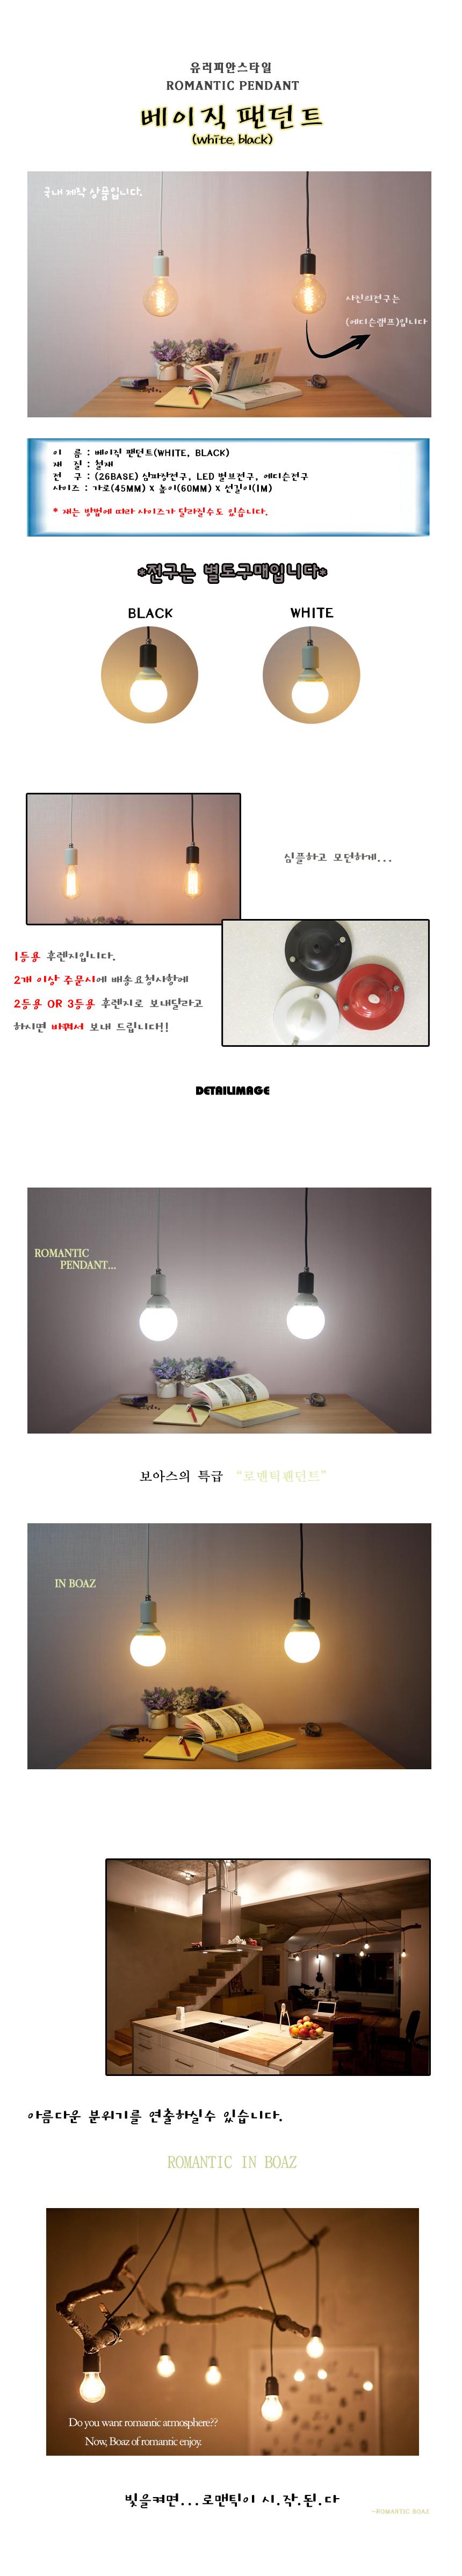 로맨틱펜던트-베이직펜던트 - 보아스라이팅, 6,400원, 디자인조명, 팬던트조명